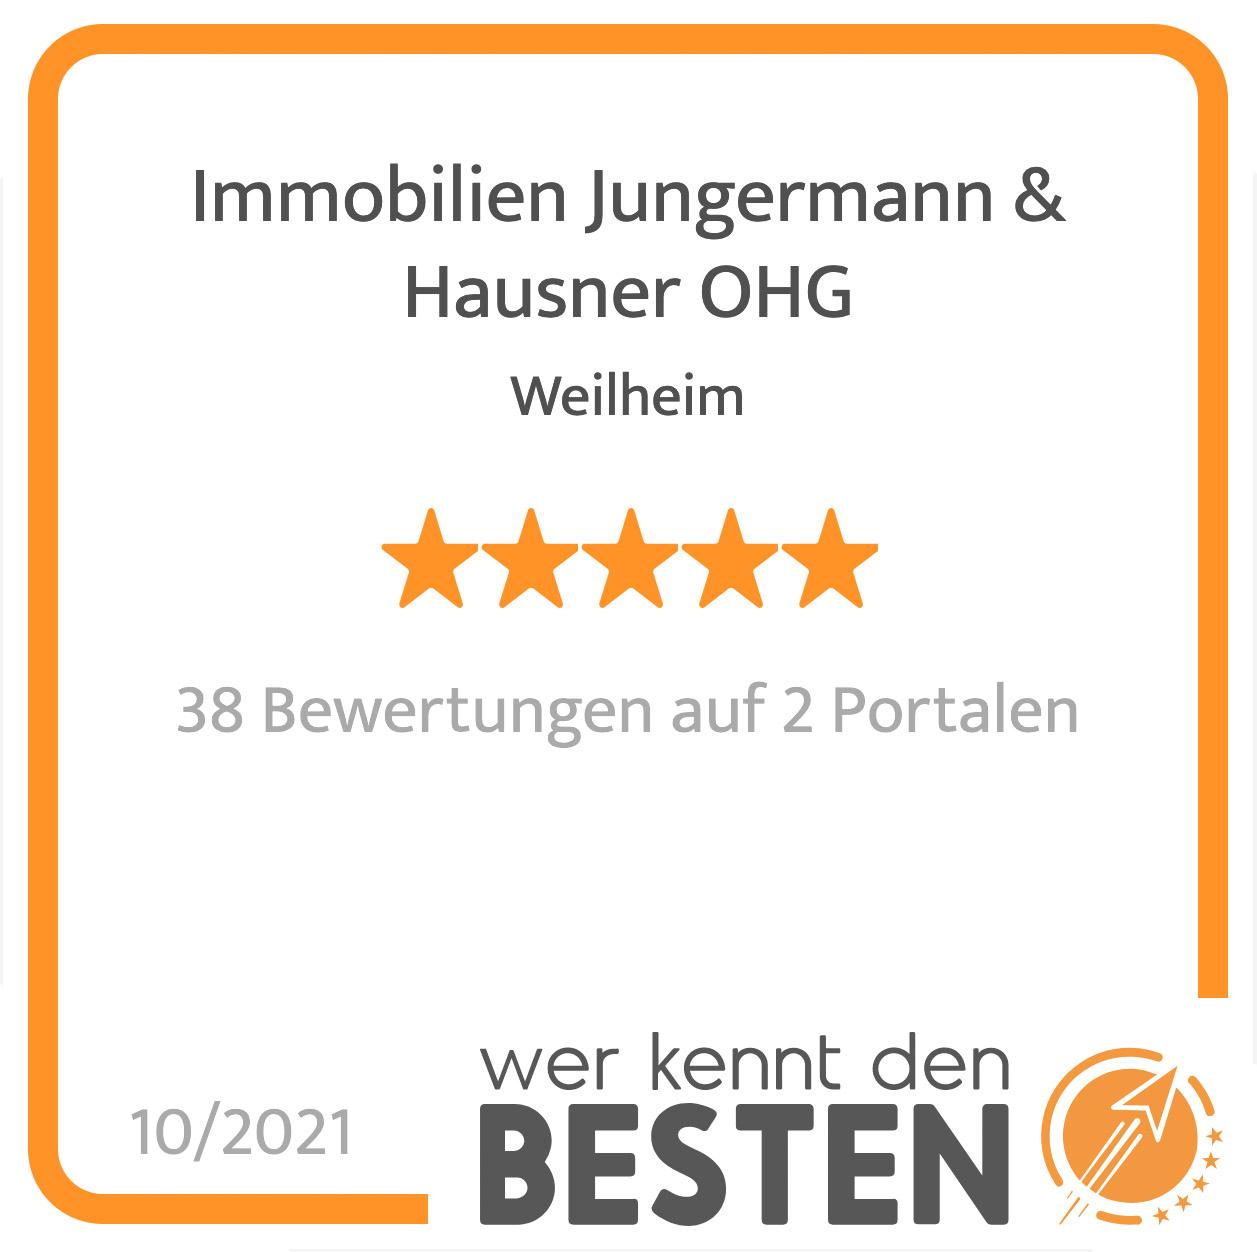 werkenntdenbesten2 Bewertungen Immobilien Jungermann und Hausner Weilheim iOB